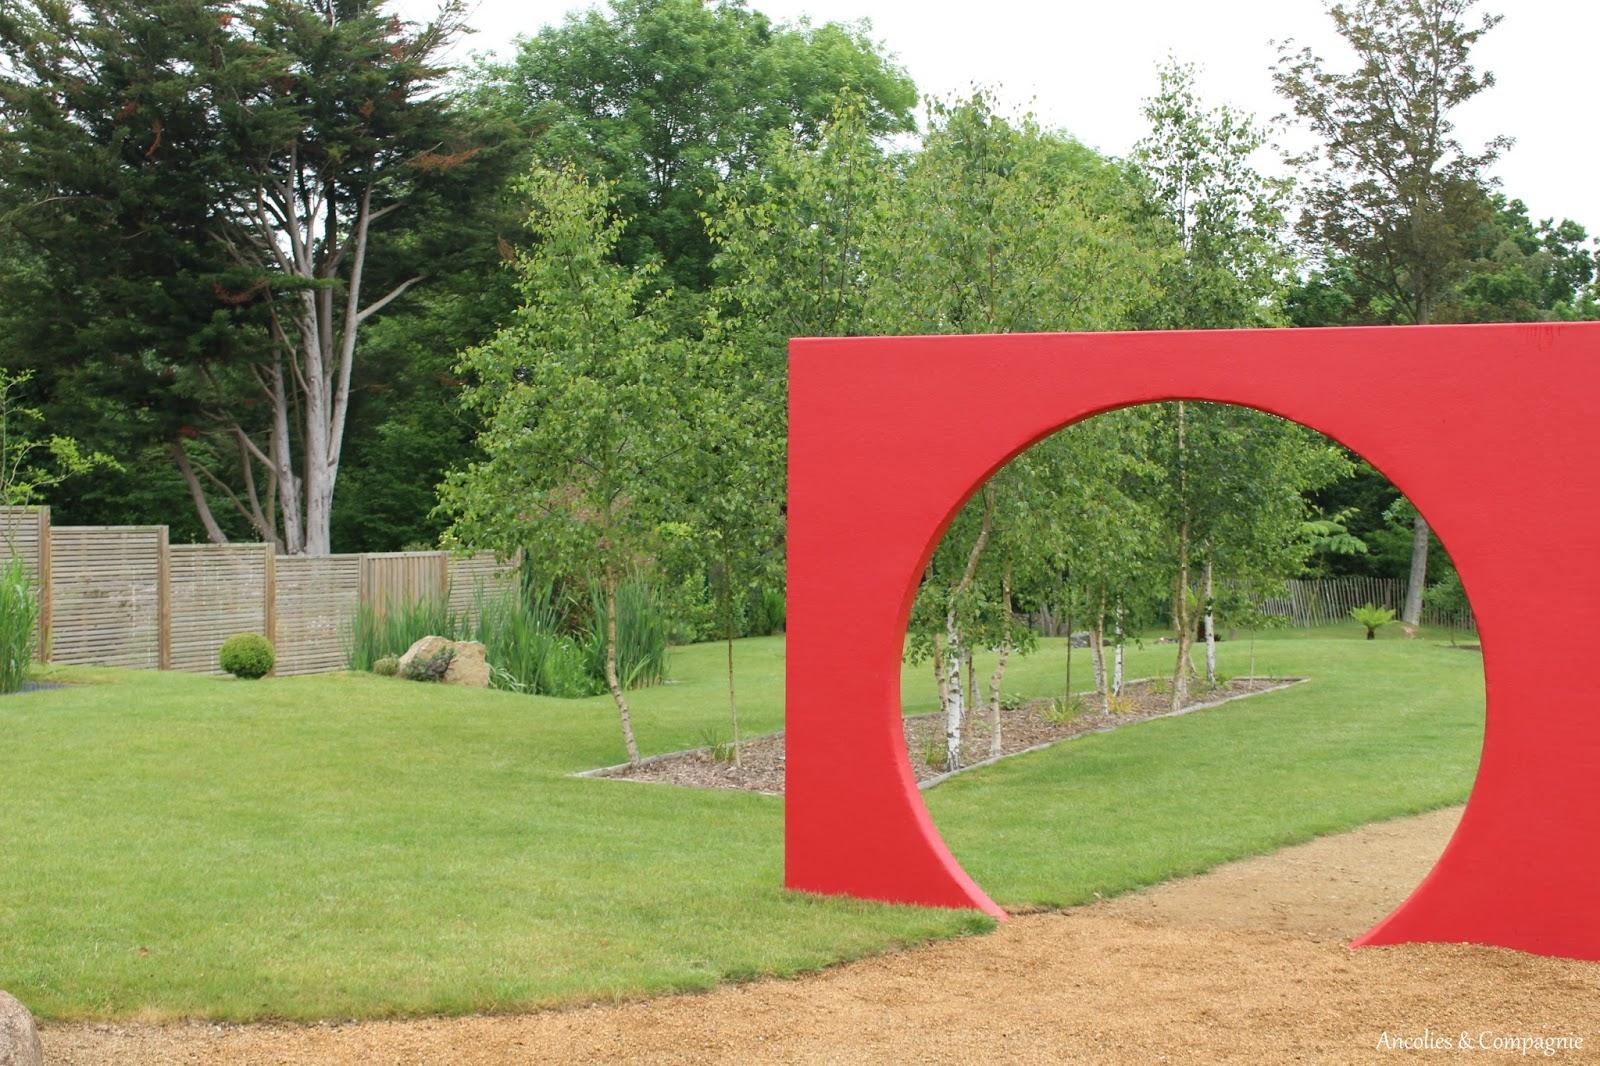 Ancolies compagnie rendez vous au jardin chez daniel for Paysagiste mantes la jolie